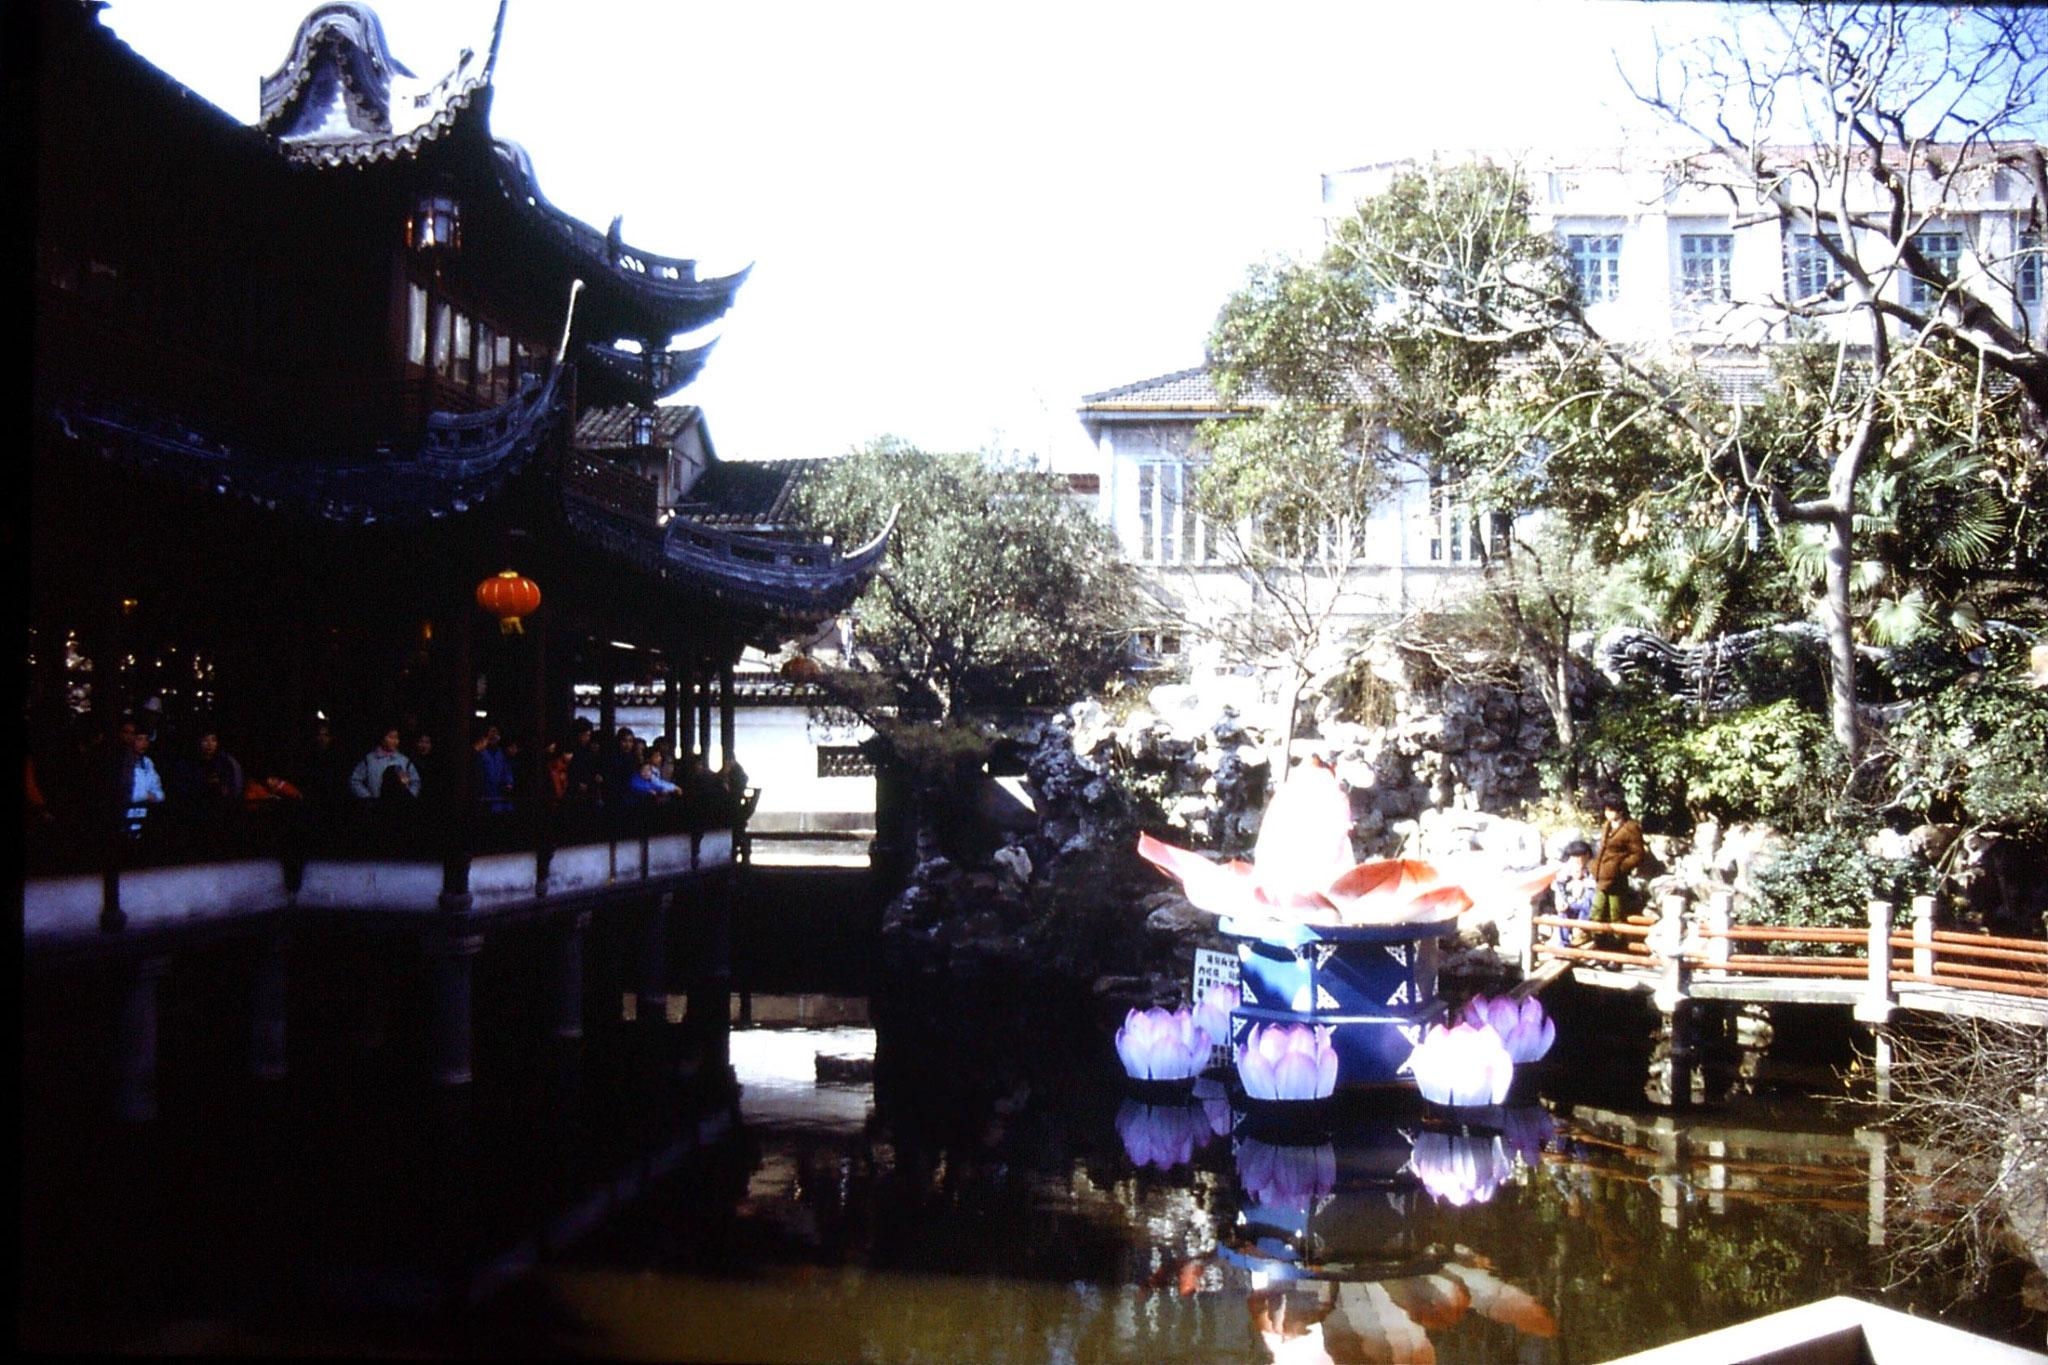 10/2/1989: 25: Yuyuan Gardens